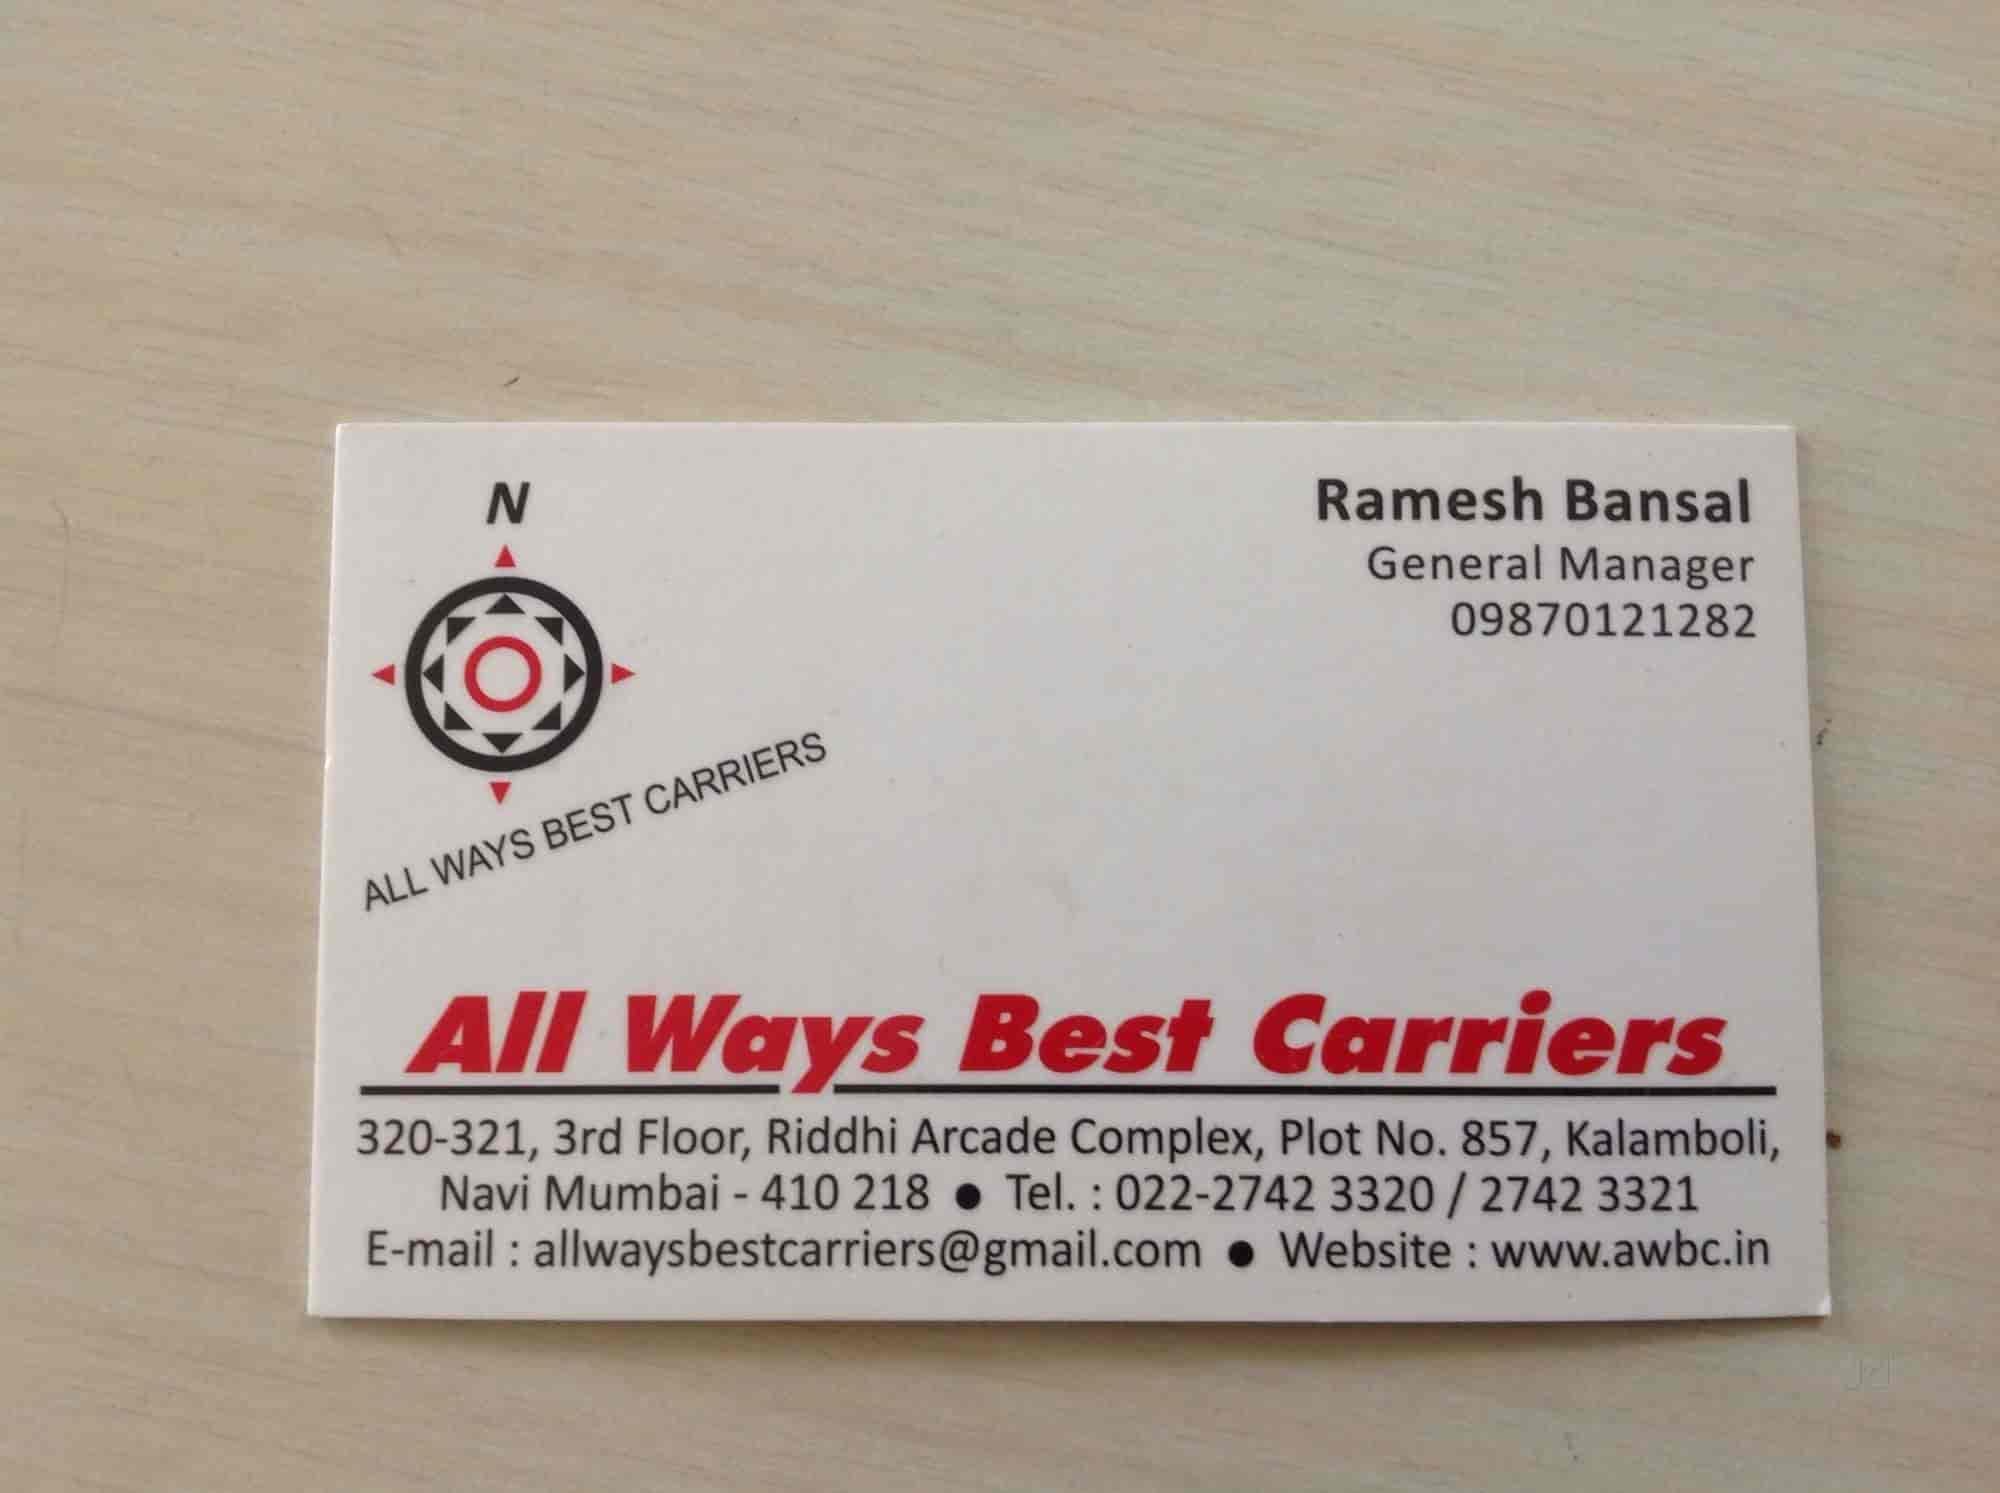 All Ways Best Ca Photos, Kalamboli, Navi-Mumbai- Pictures & Images ...